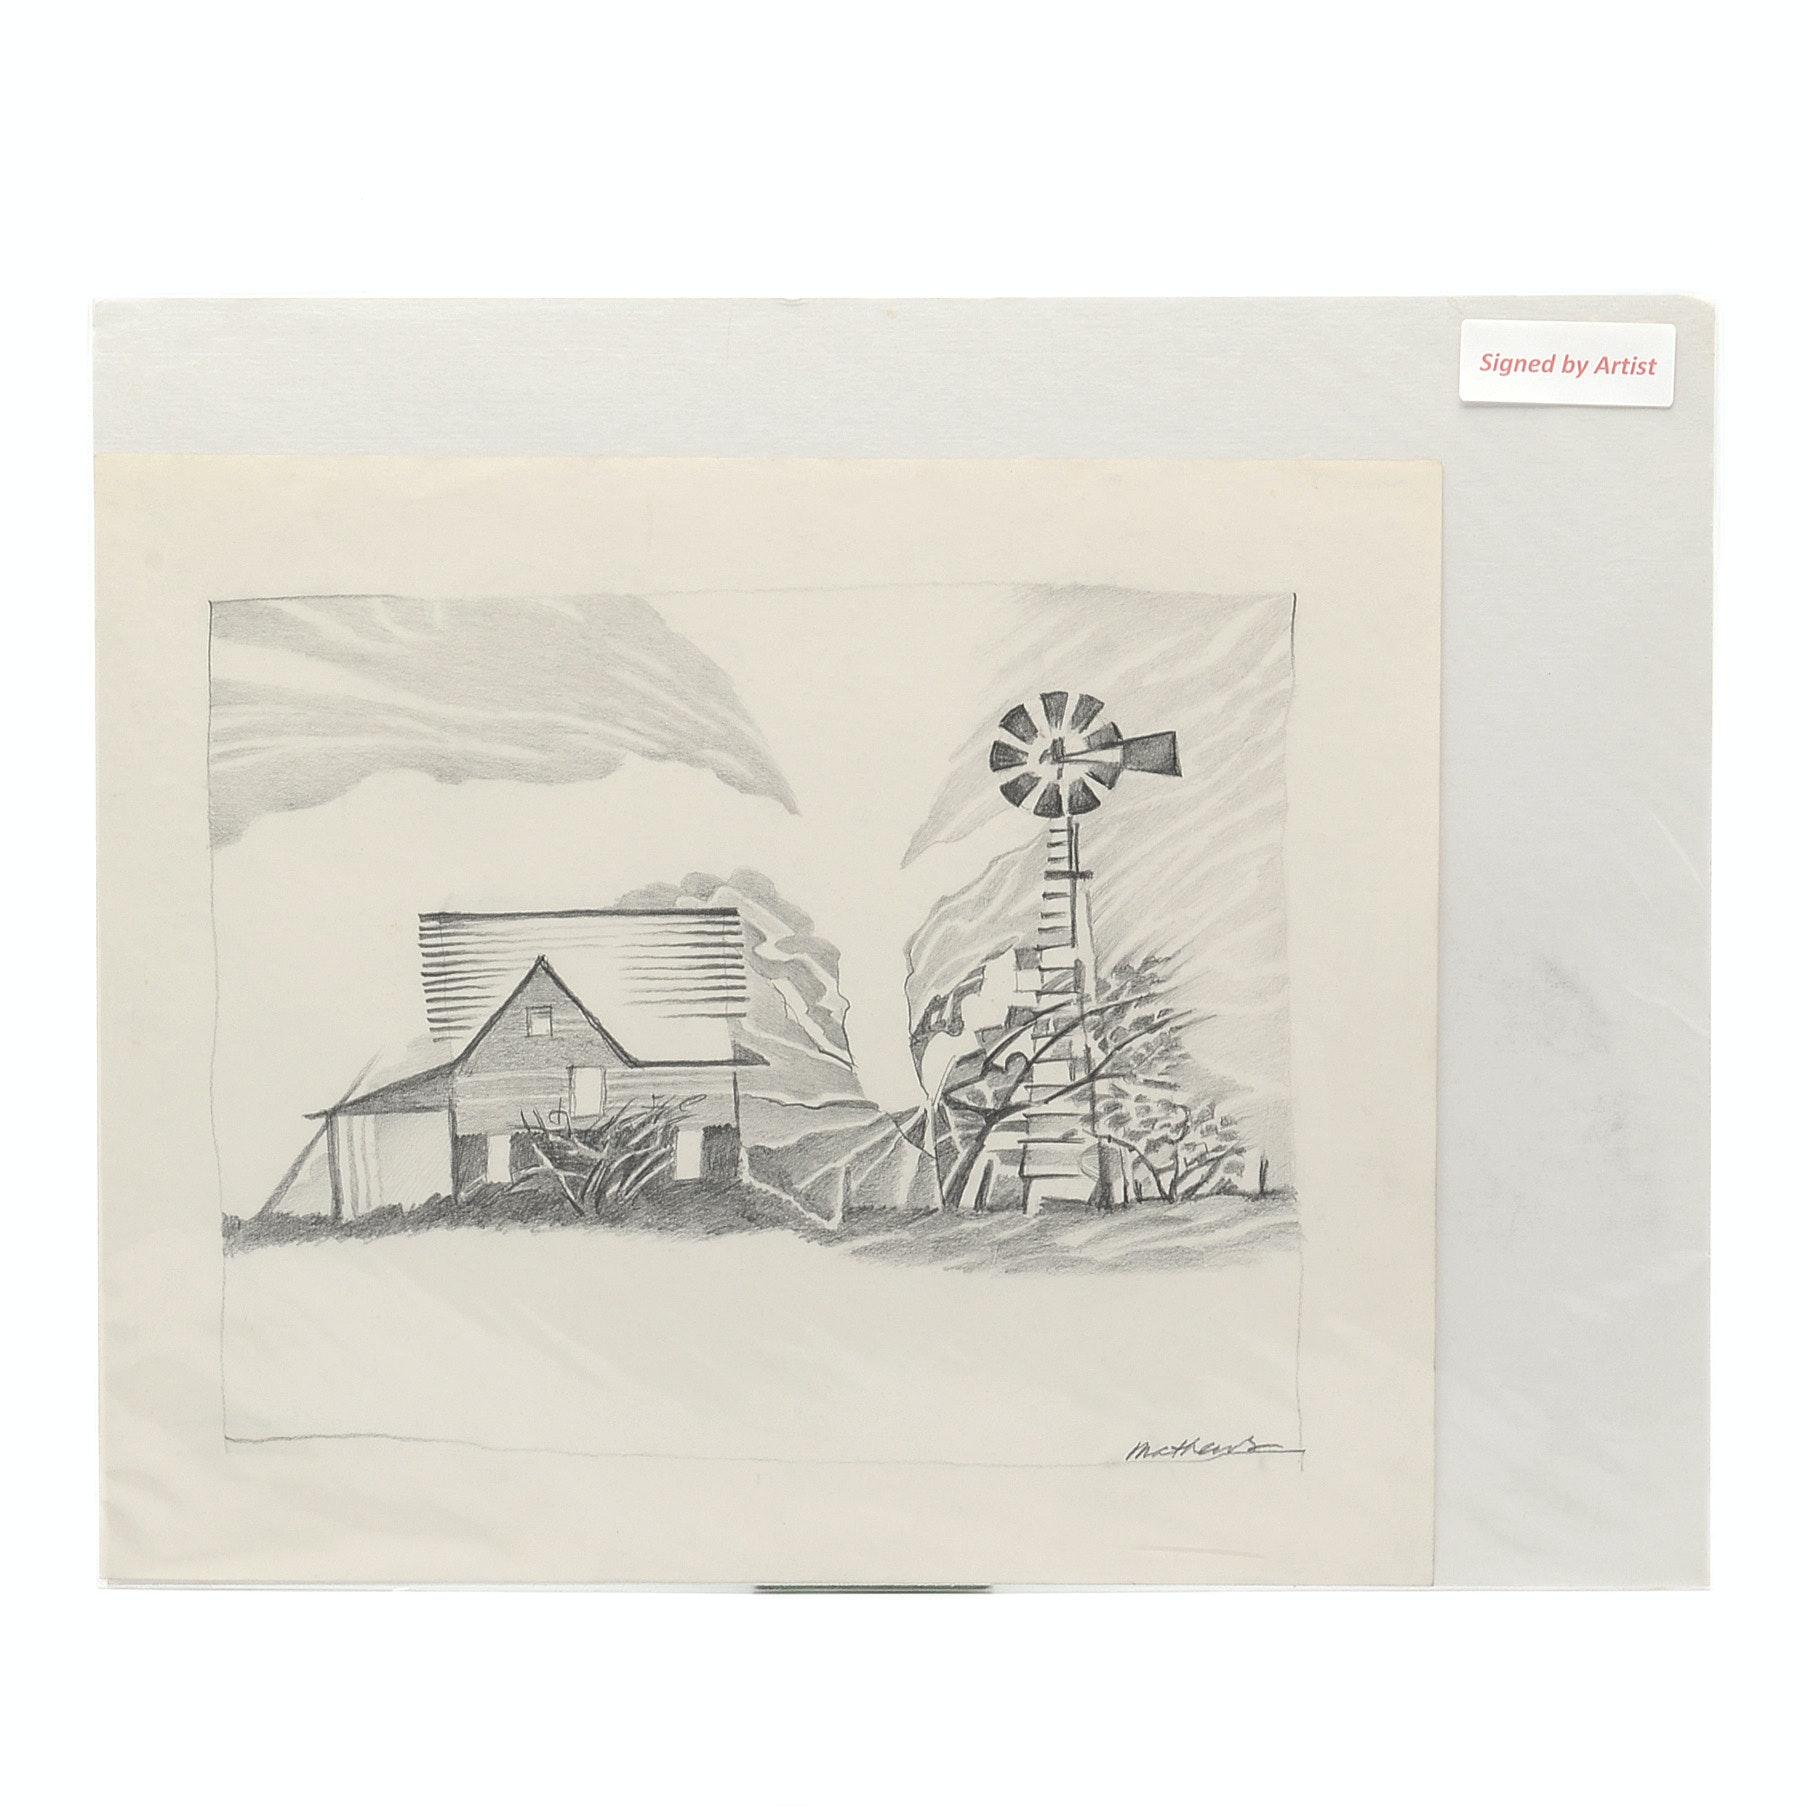 Carol Mathews Graphite Drawing on Paper of Pastoral Scene